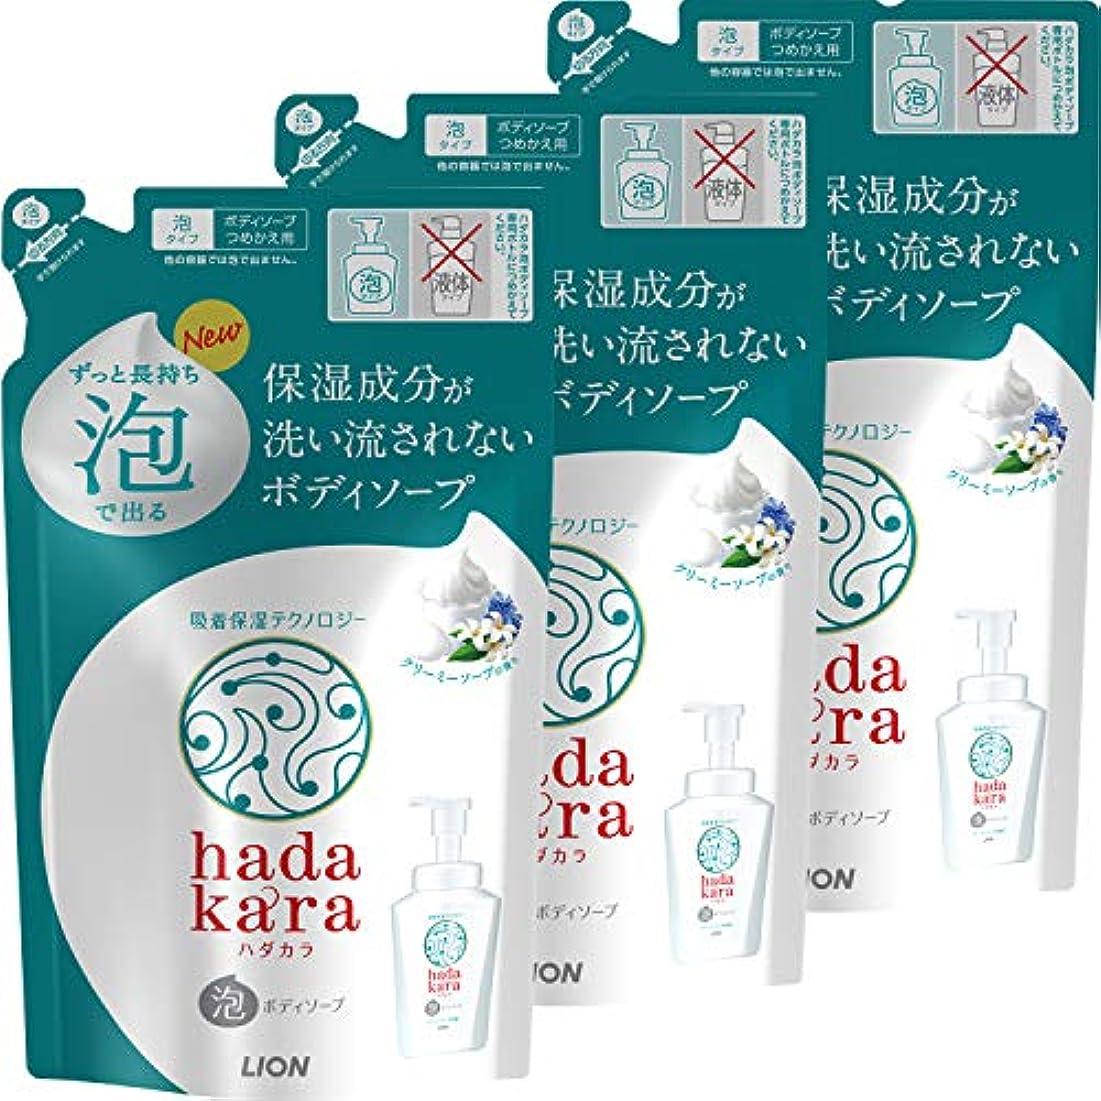 全部想像する奇跡的なhadakara(ハダカラ) ボディソープ 泡タイプ クリーミーソープの香り 詰替440ml×3個